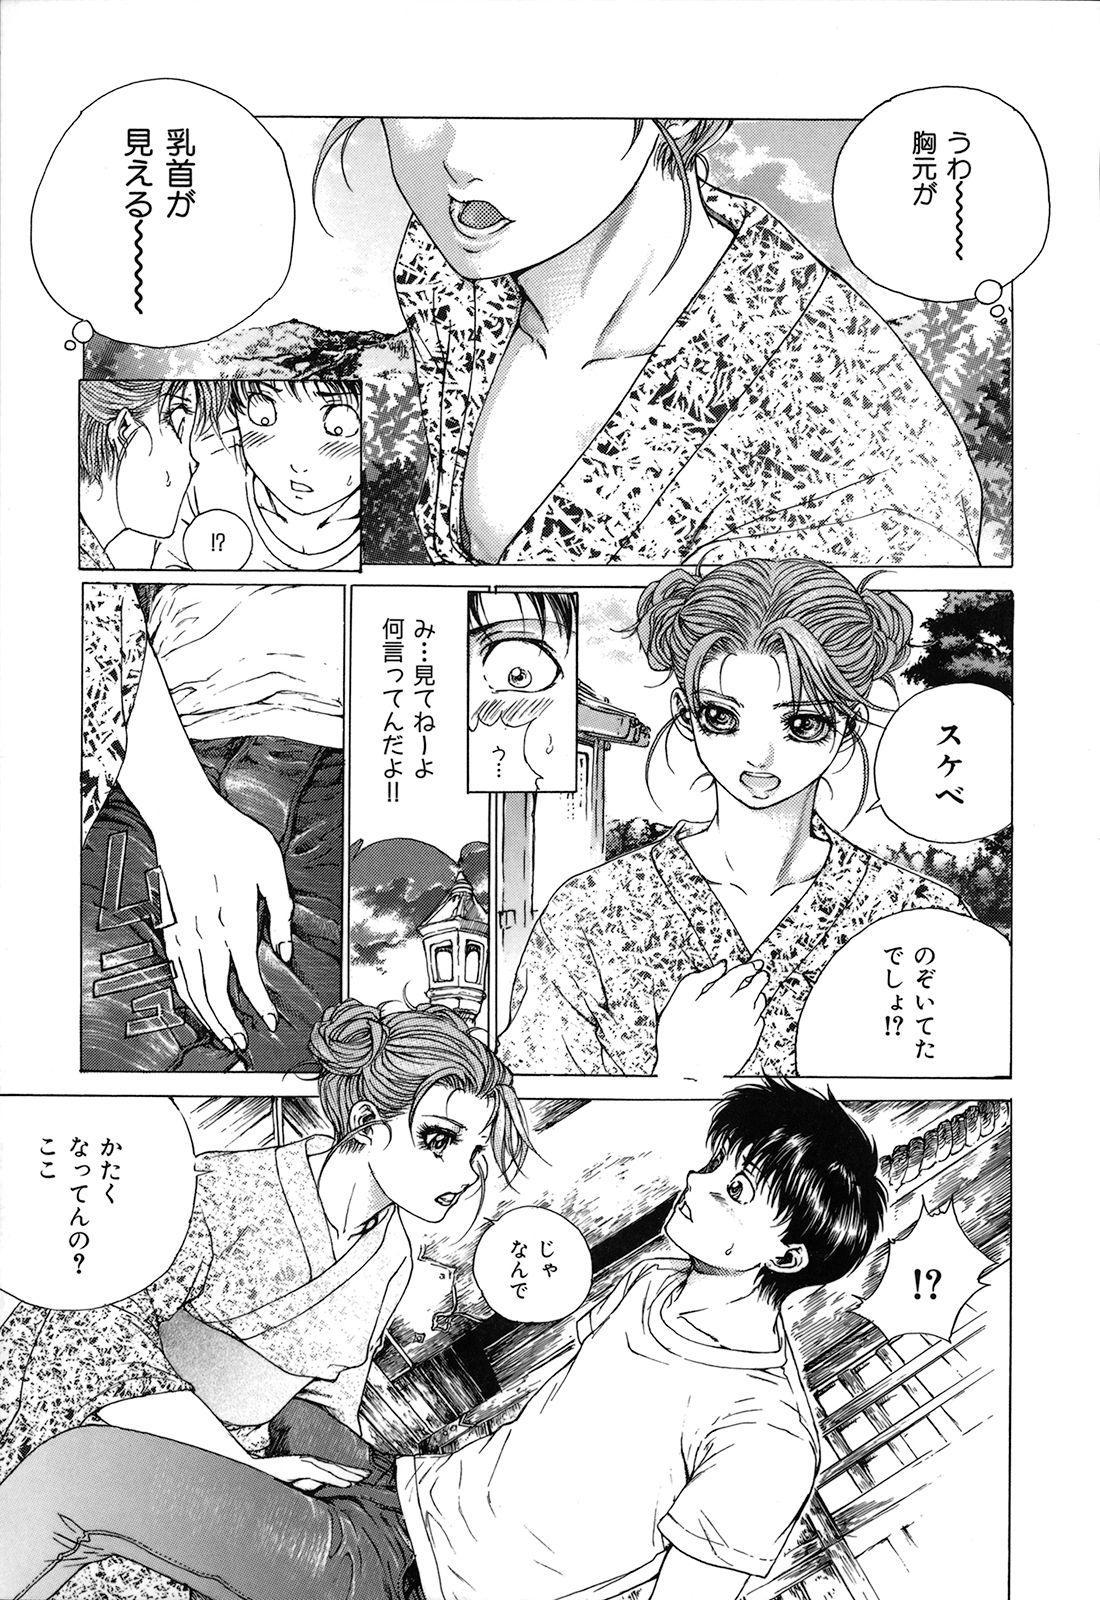 Kou Musume 54